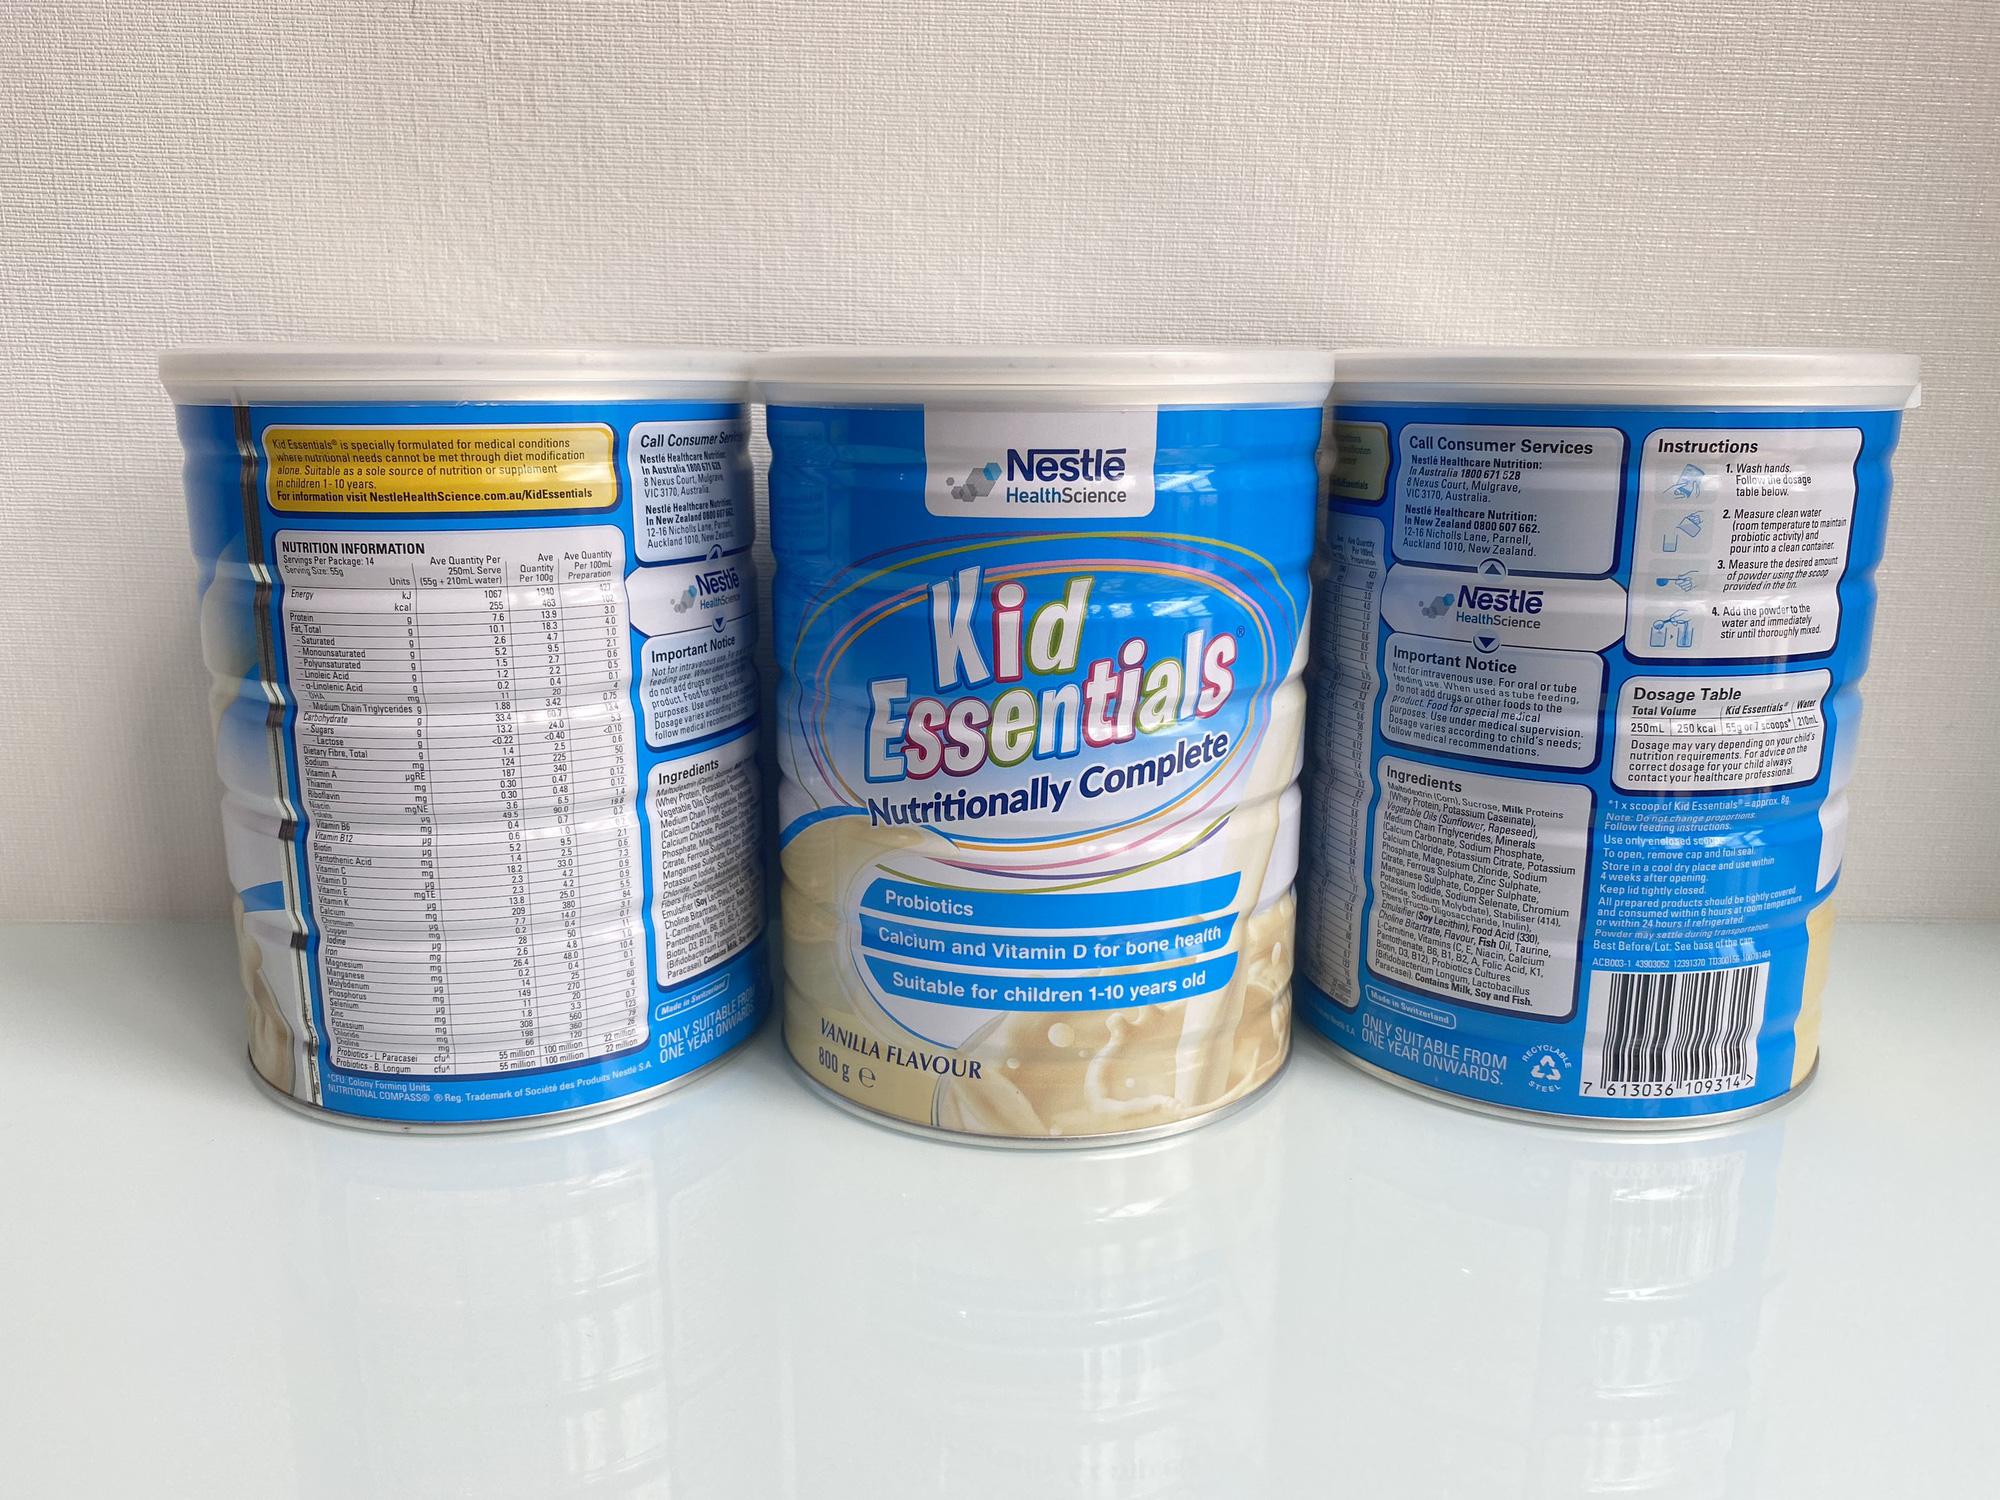 Thực phẩm bổ sung Kid Essential – Sữa bột vượt trội với công thức chứa 50% Whey protein - Ảnh 2.